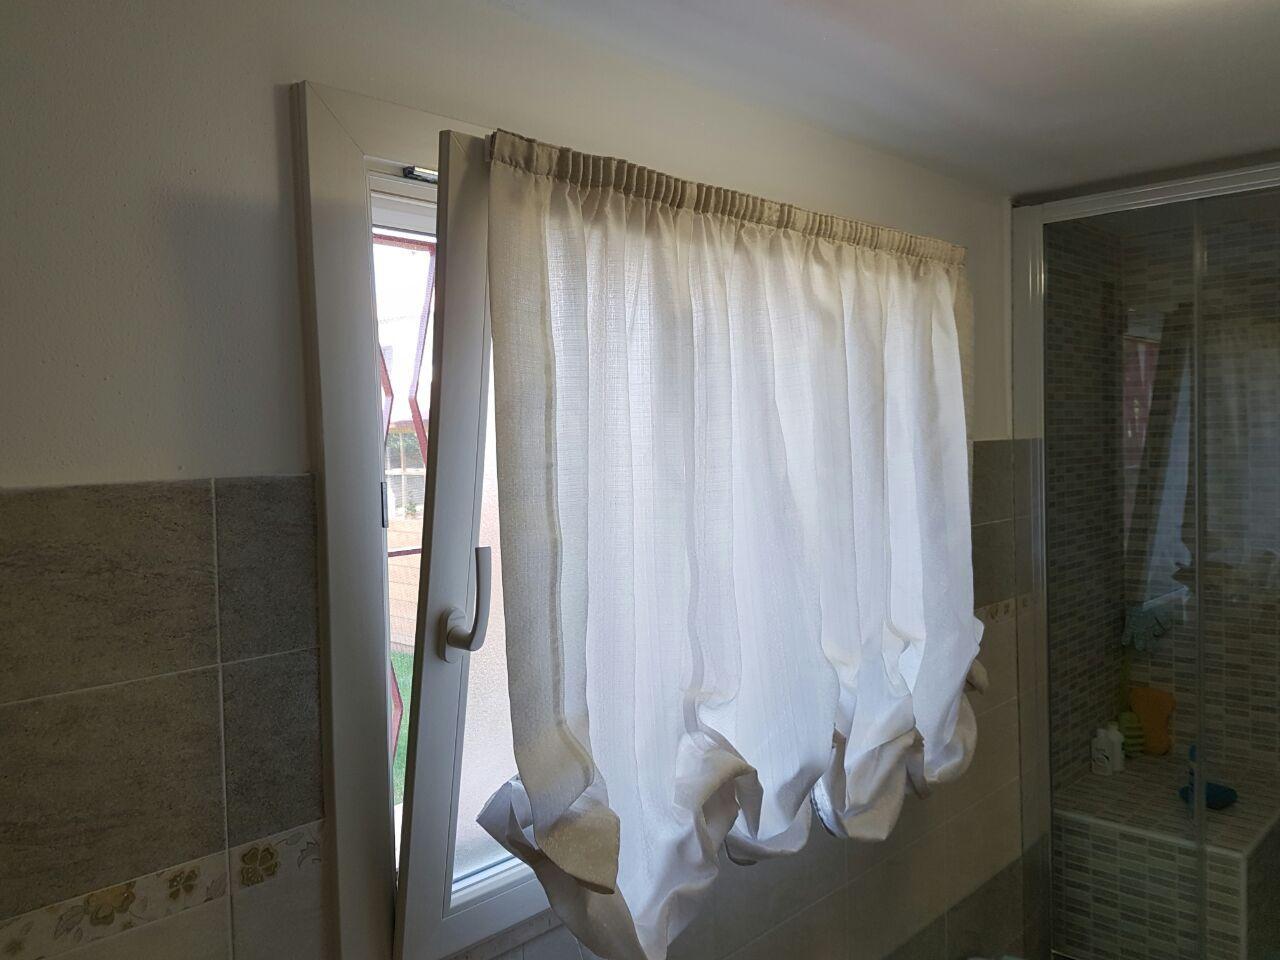 Tenda a pacchetto a vetro per bagno garage tende da interni serramenti ed avvolgibili pinterest - Tende a vetro per bagno ...